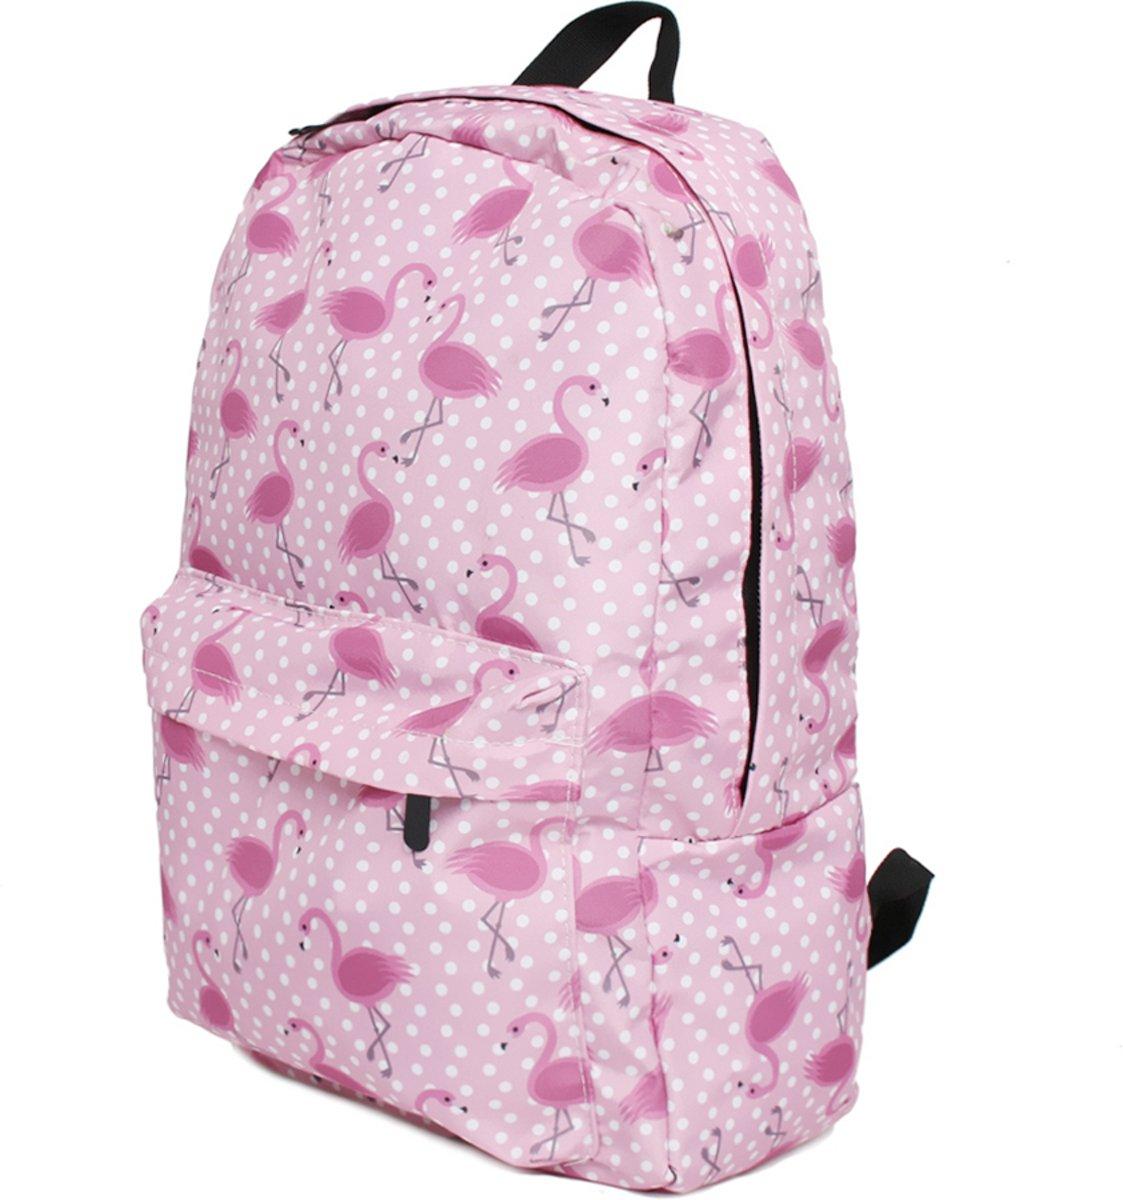 10cd3d64c56 ... Flamingo Rugzak - 20 Liter - Hippe Rugtas voor de Basischool -  EmojiShop.nl ...